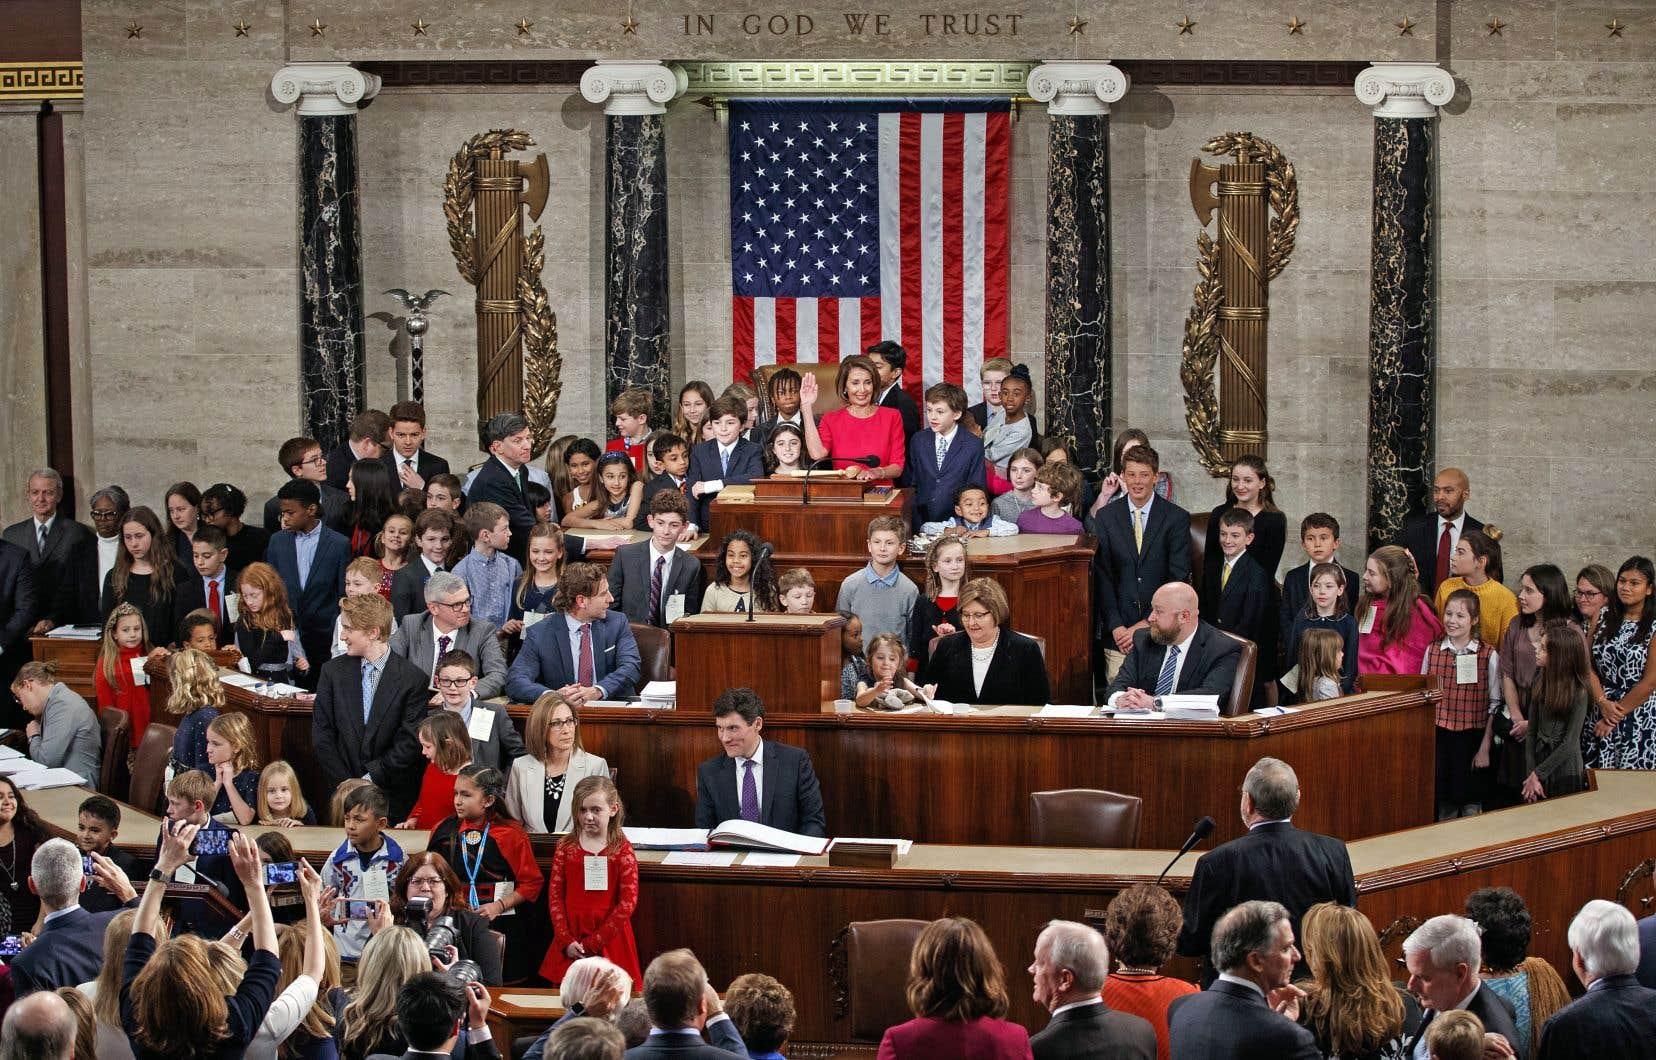 Entourée de ses enfants et de ses petits-enfants, Nancy Pelosi a prêté serment jeudi pour devenir «Speaker» de la Chambre des représentants à Washington.